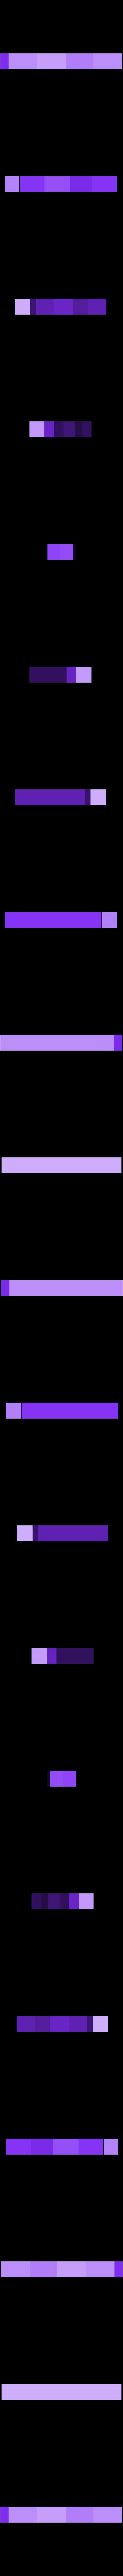 Stocking_hangerz_DIY_plug.stl Télécharger fichier STL gratuit Cintres de bas de parapet • Objet pour imprimante 3D, tone001